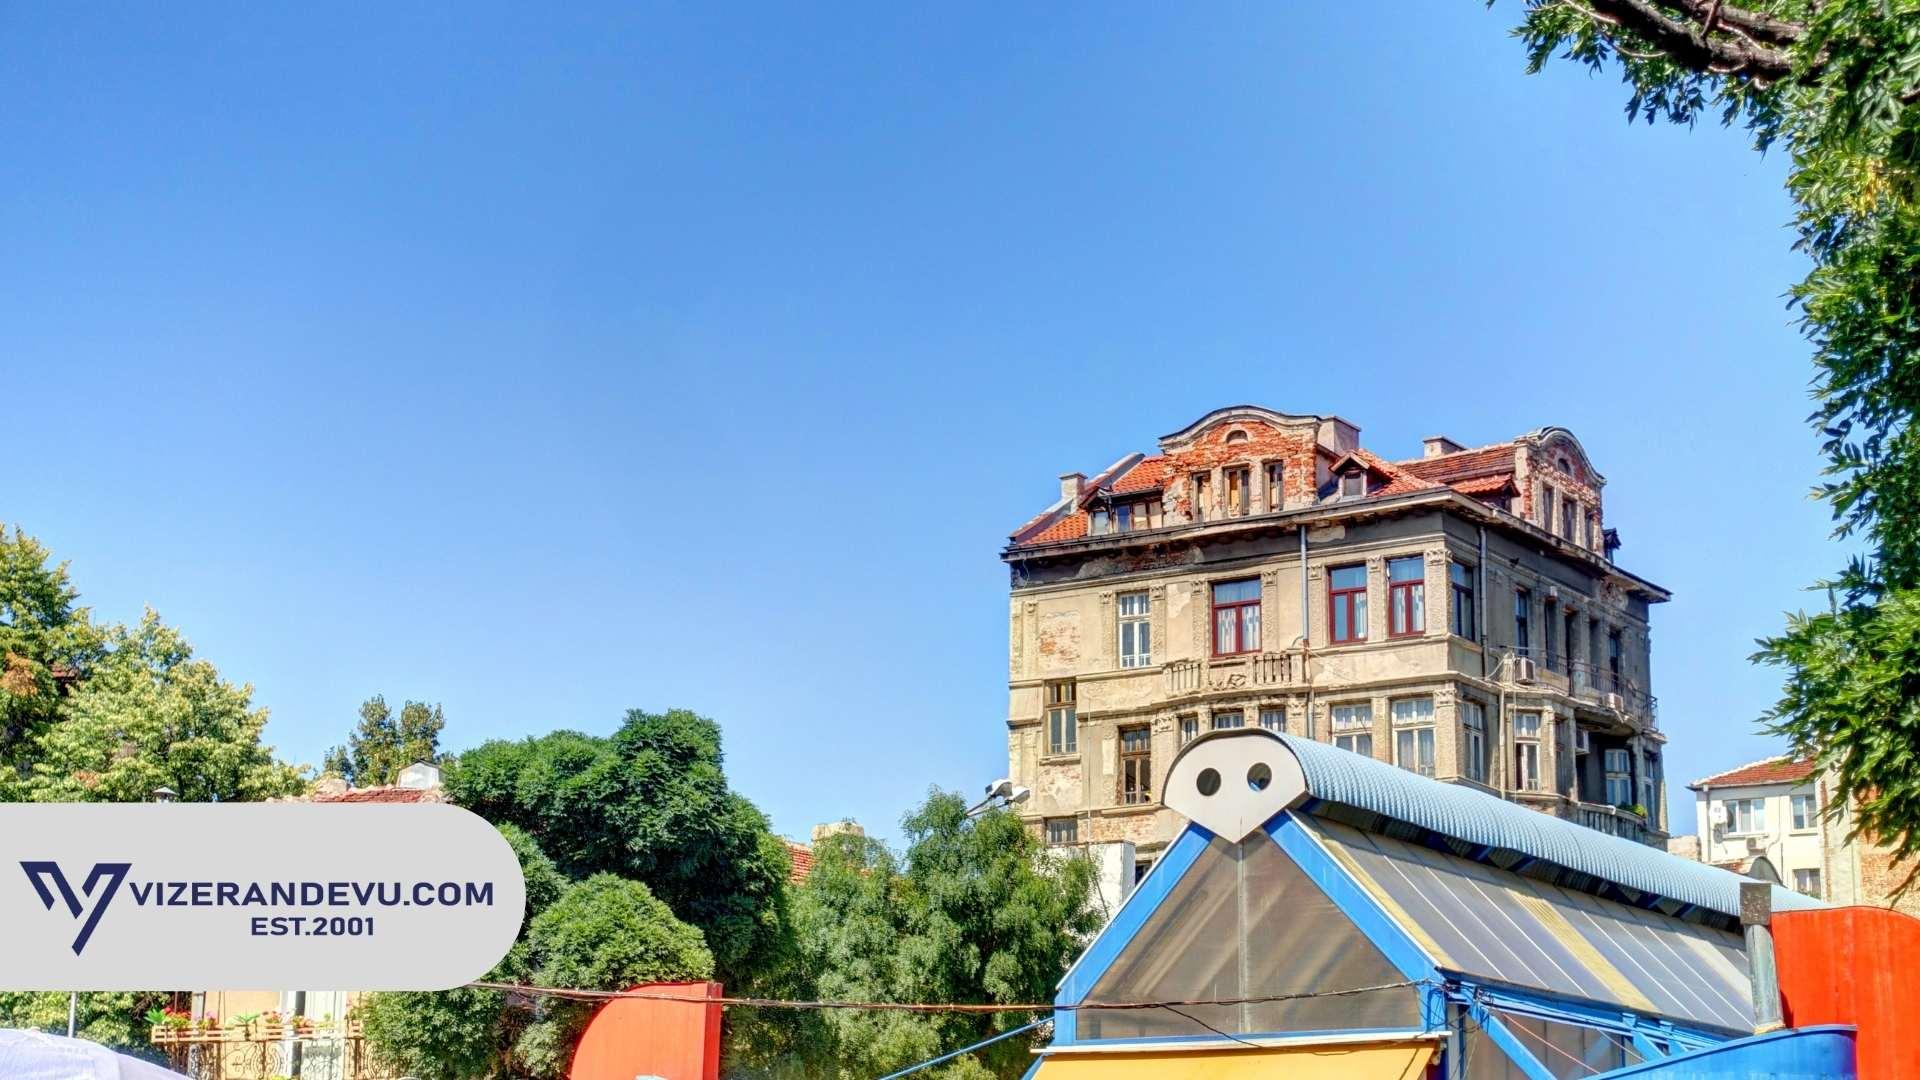 Bulgaristan'a Vizesiz Nasıl Gidilir